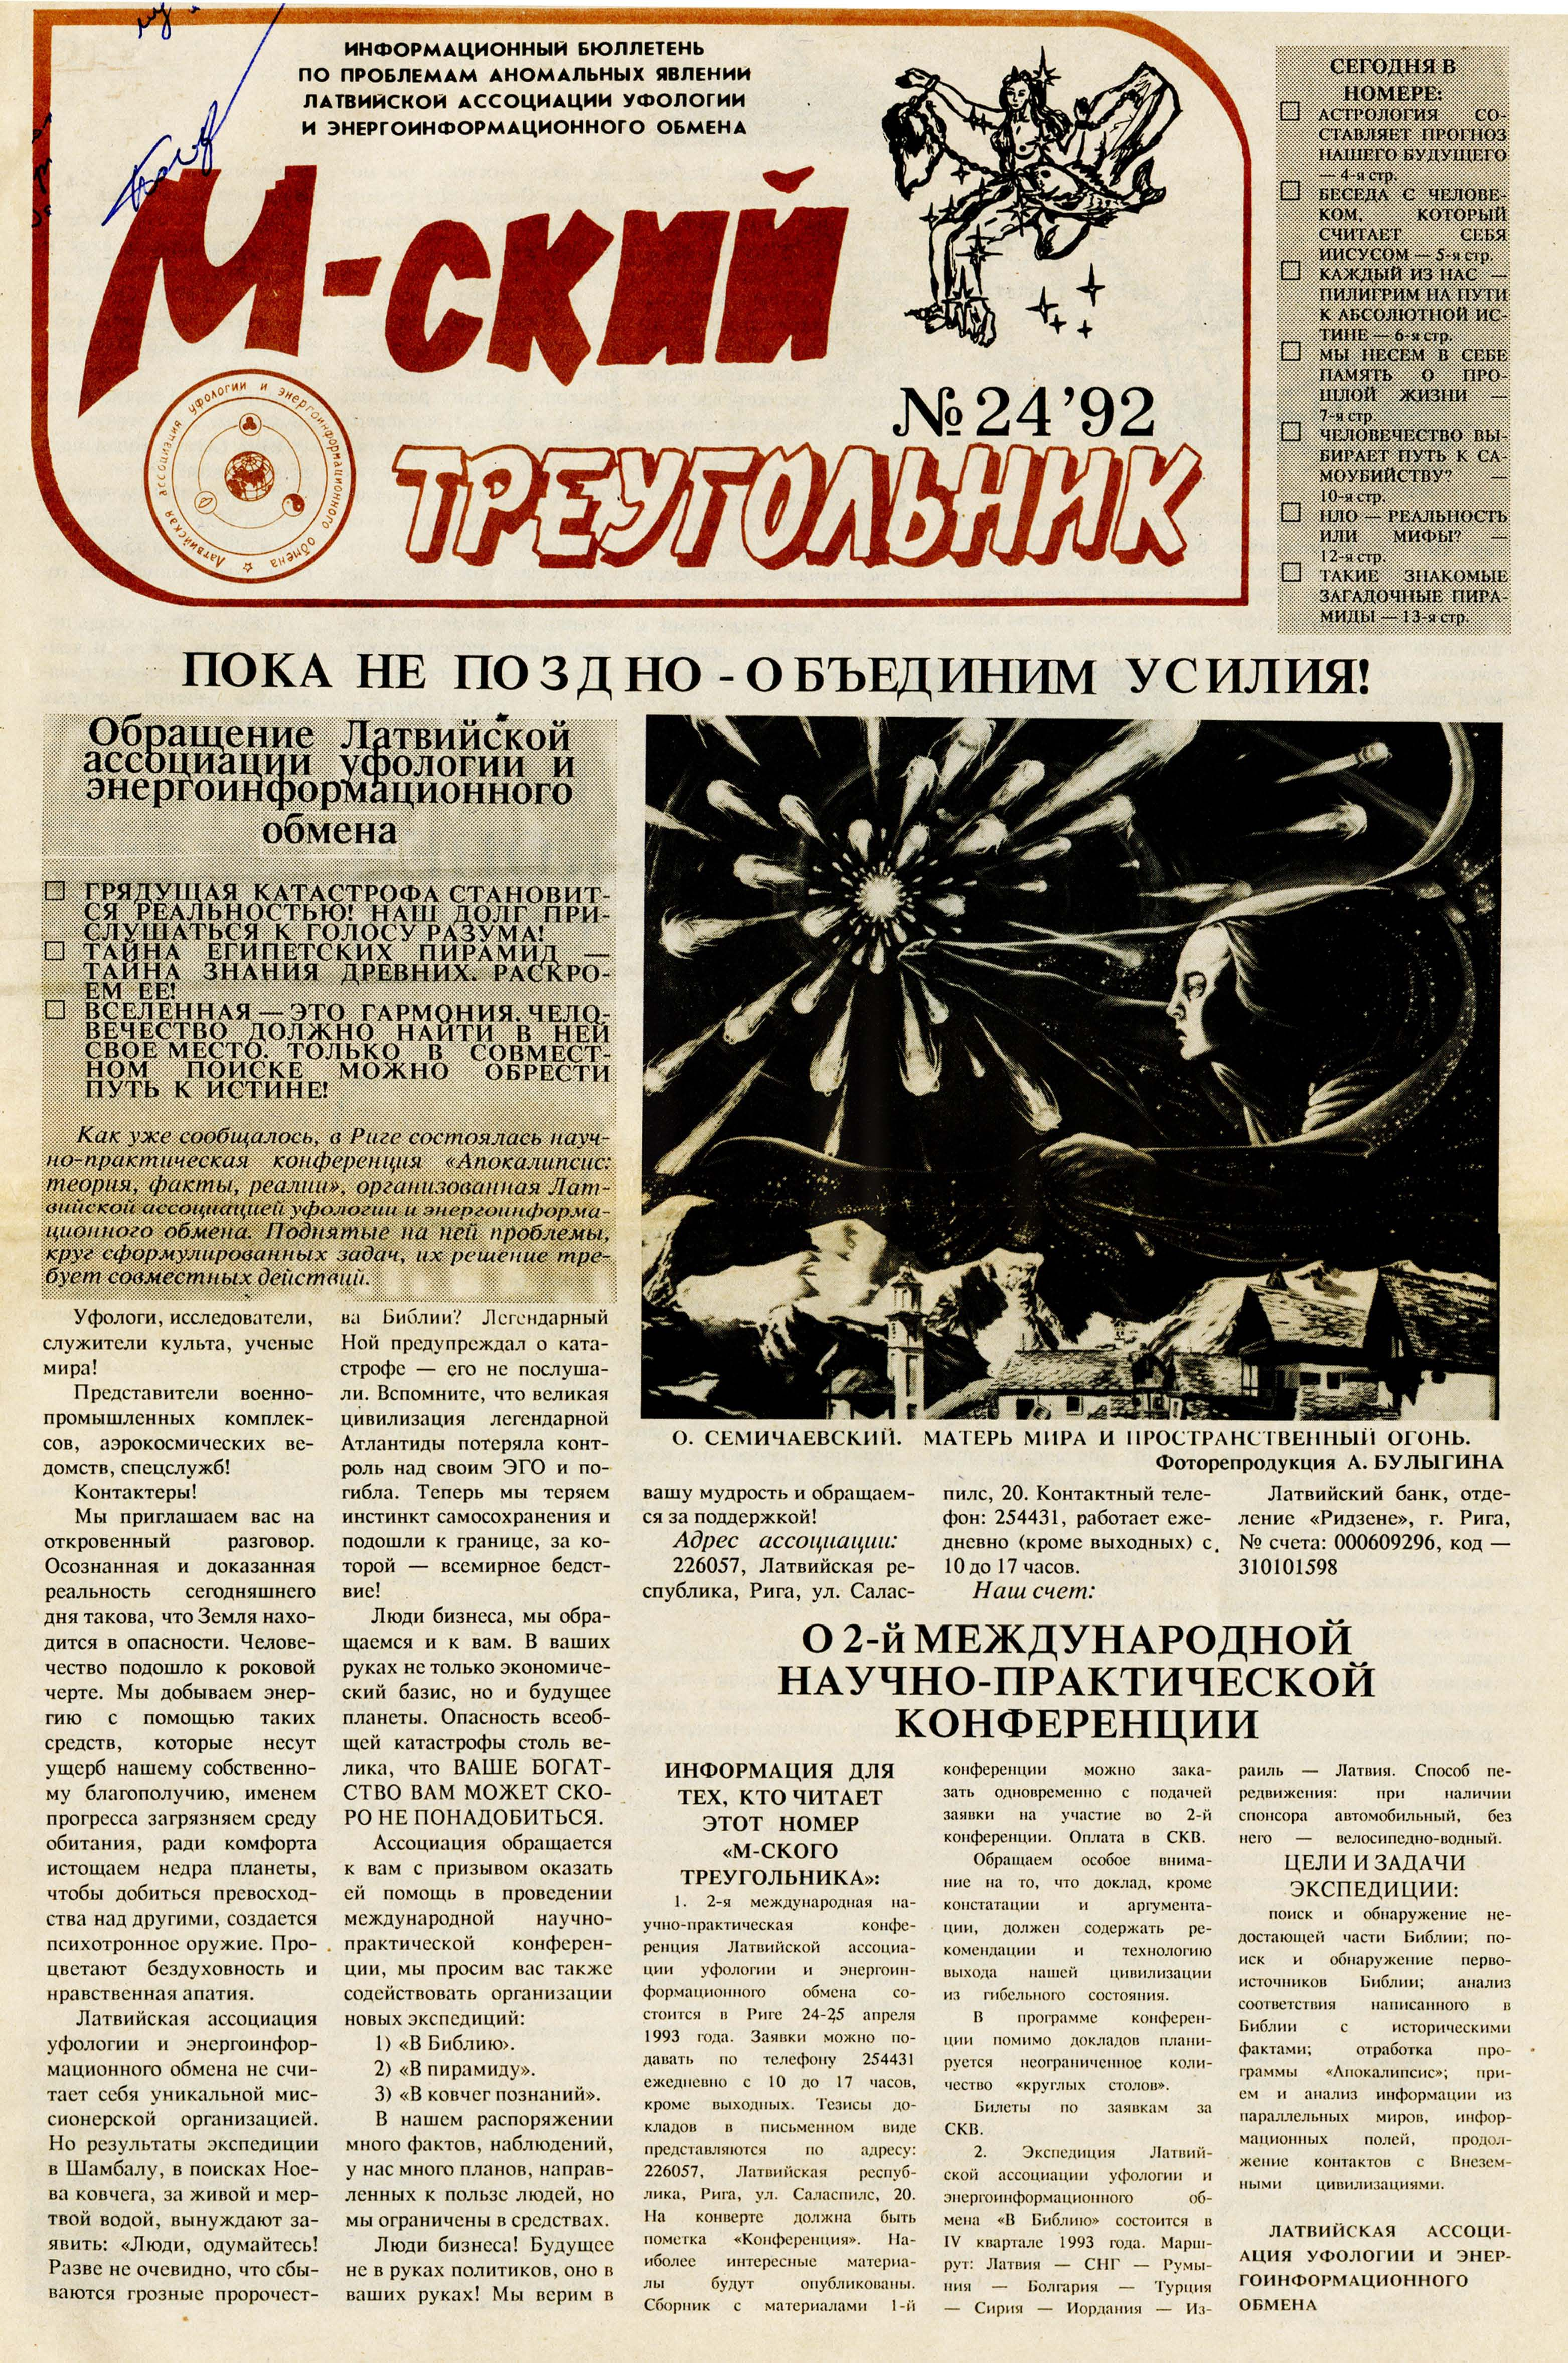 М-ский треугольник #24 (1992)_Страница_01.jpg